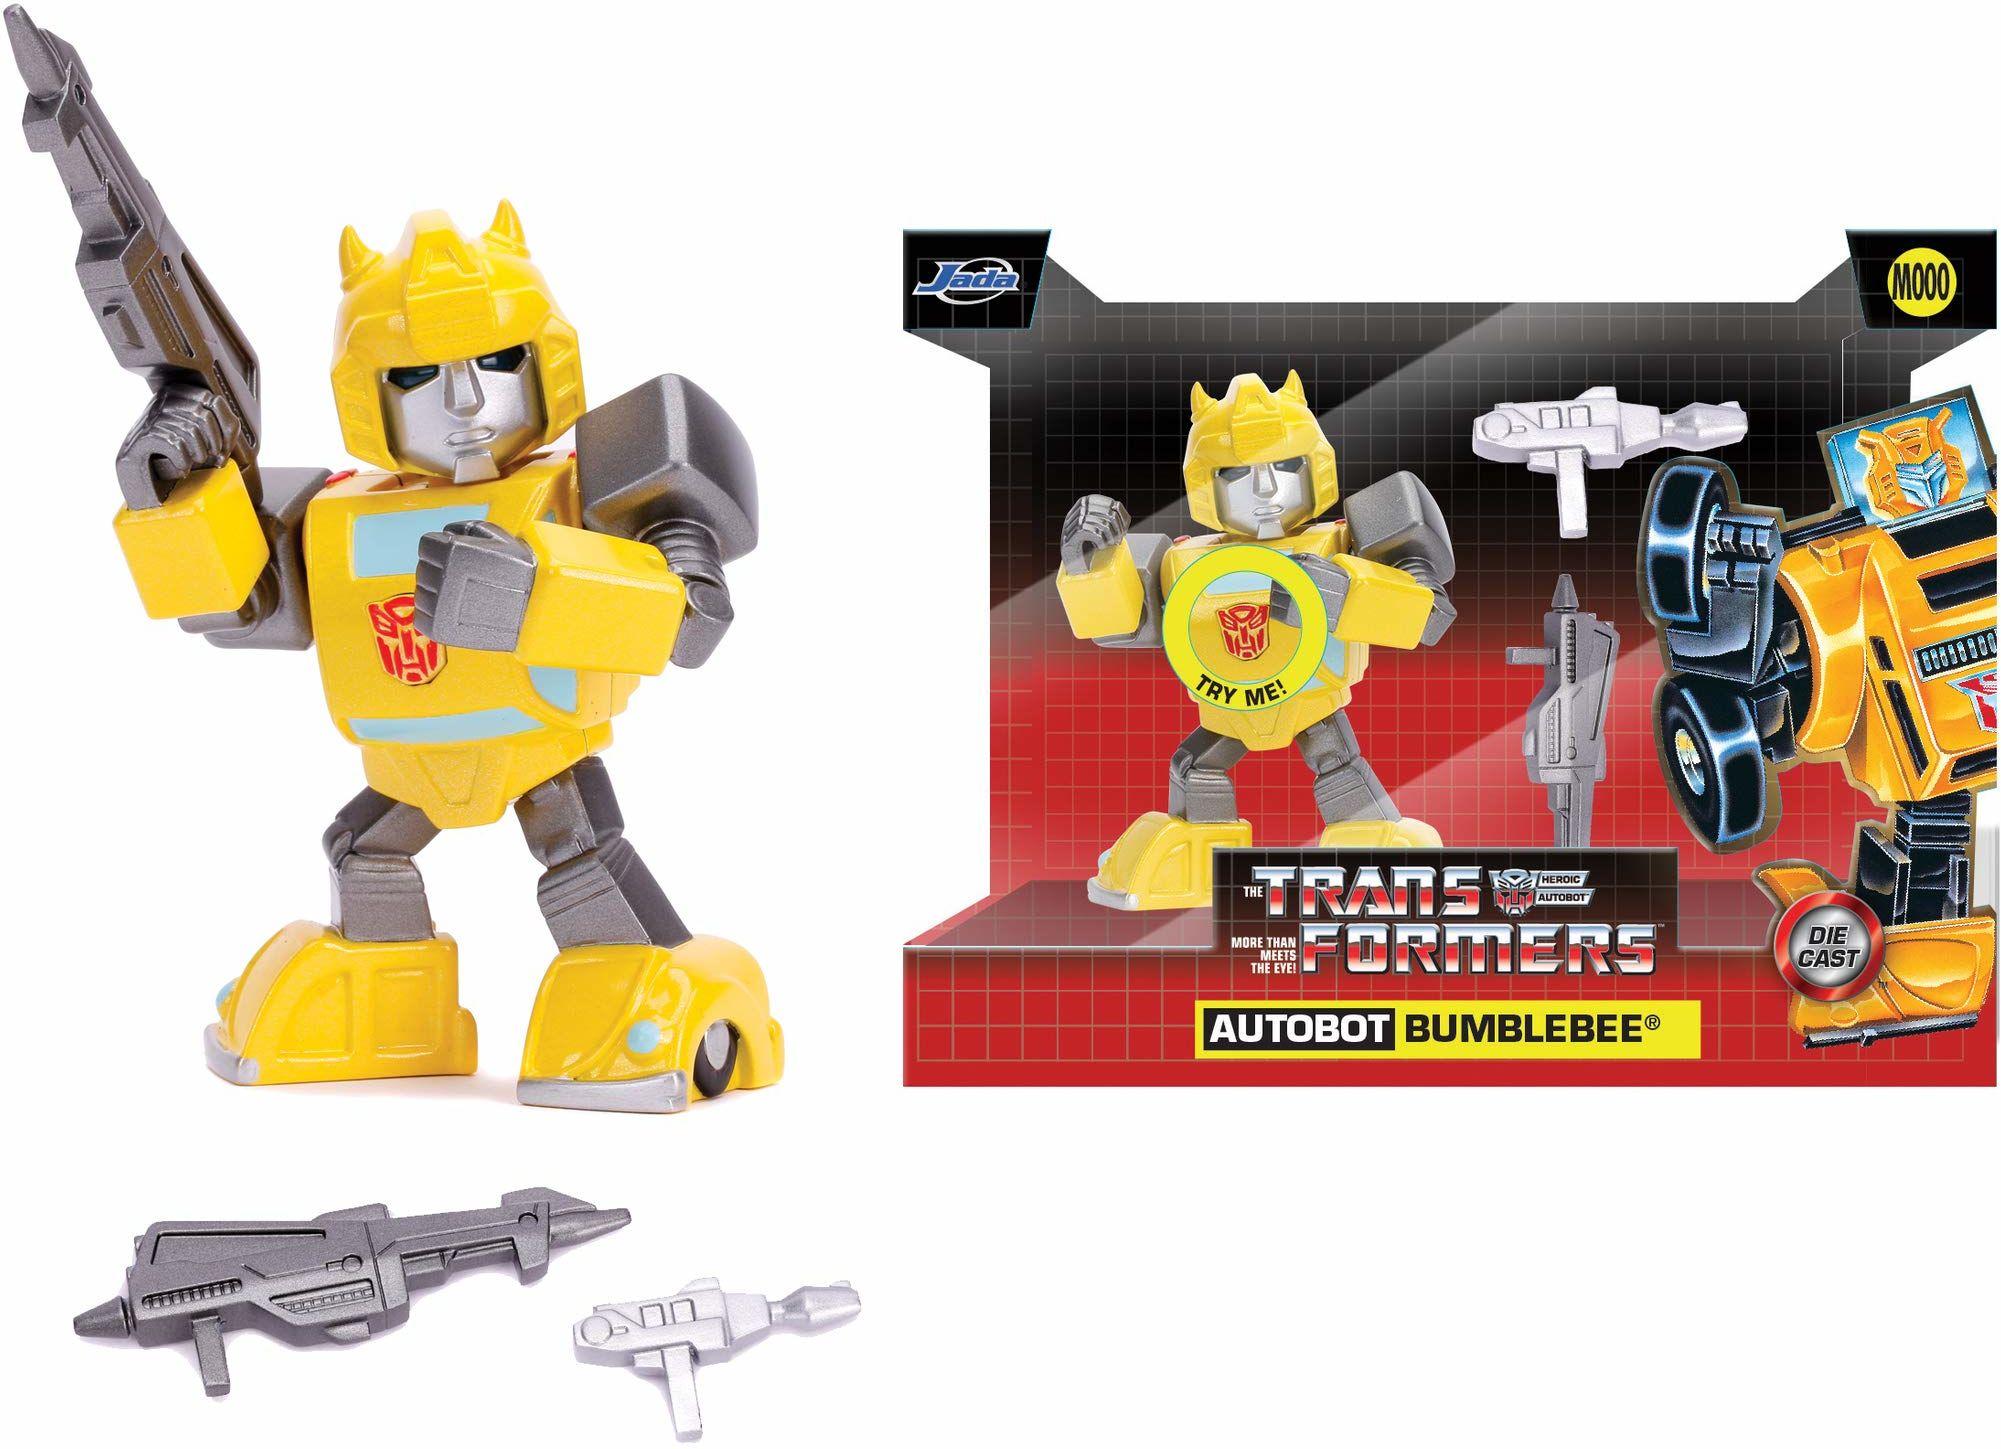 Jada Toys 253111004 Transformers, Bumblebee G1 figurka z Die-cast, oczy ze światłem, wraz z bateriami, akcesoriami, 10 cm, żółty